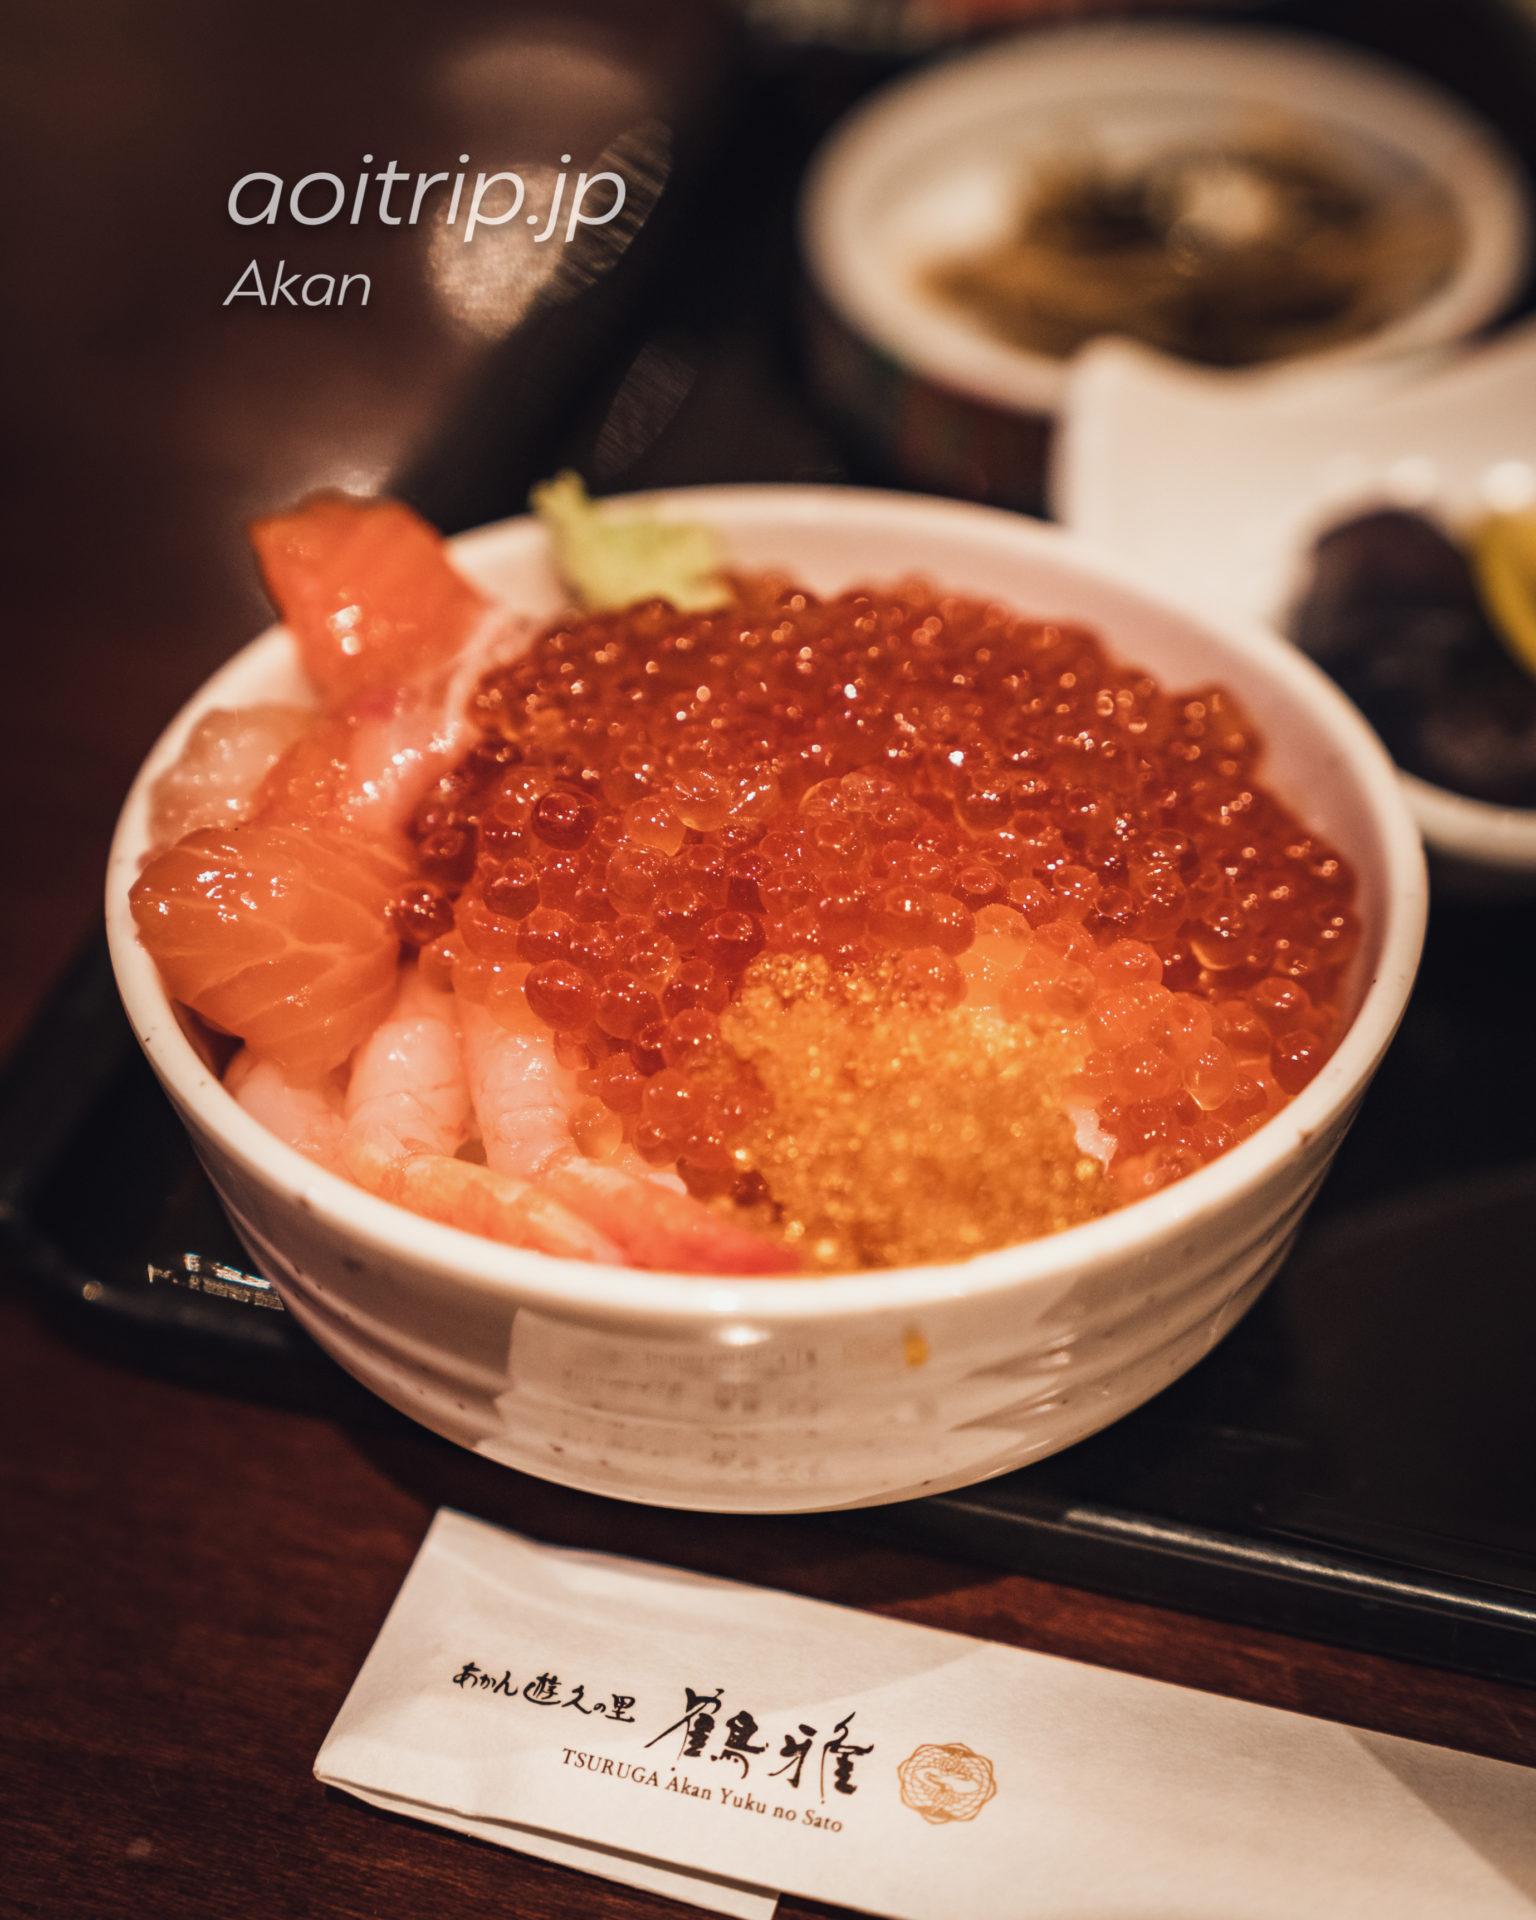 あかん遊久の里 鶴雅の朝食 海鮮丼